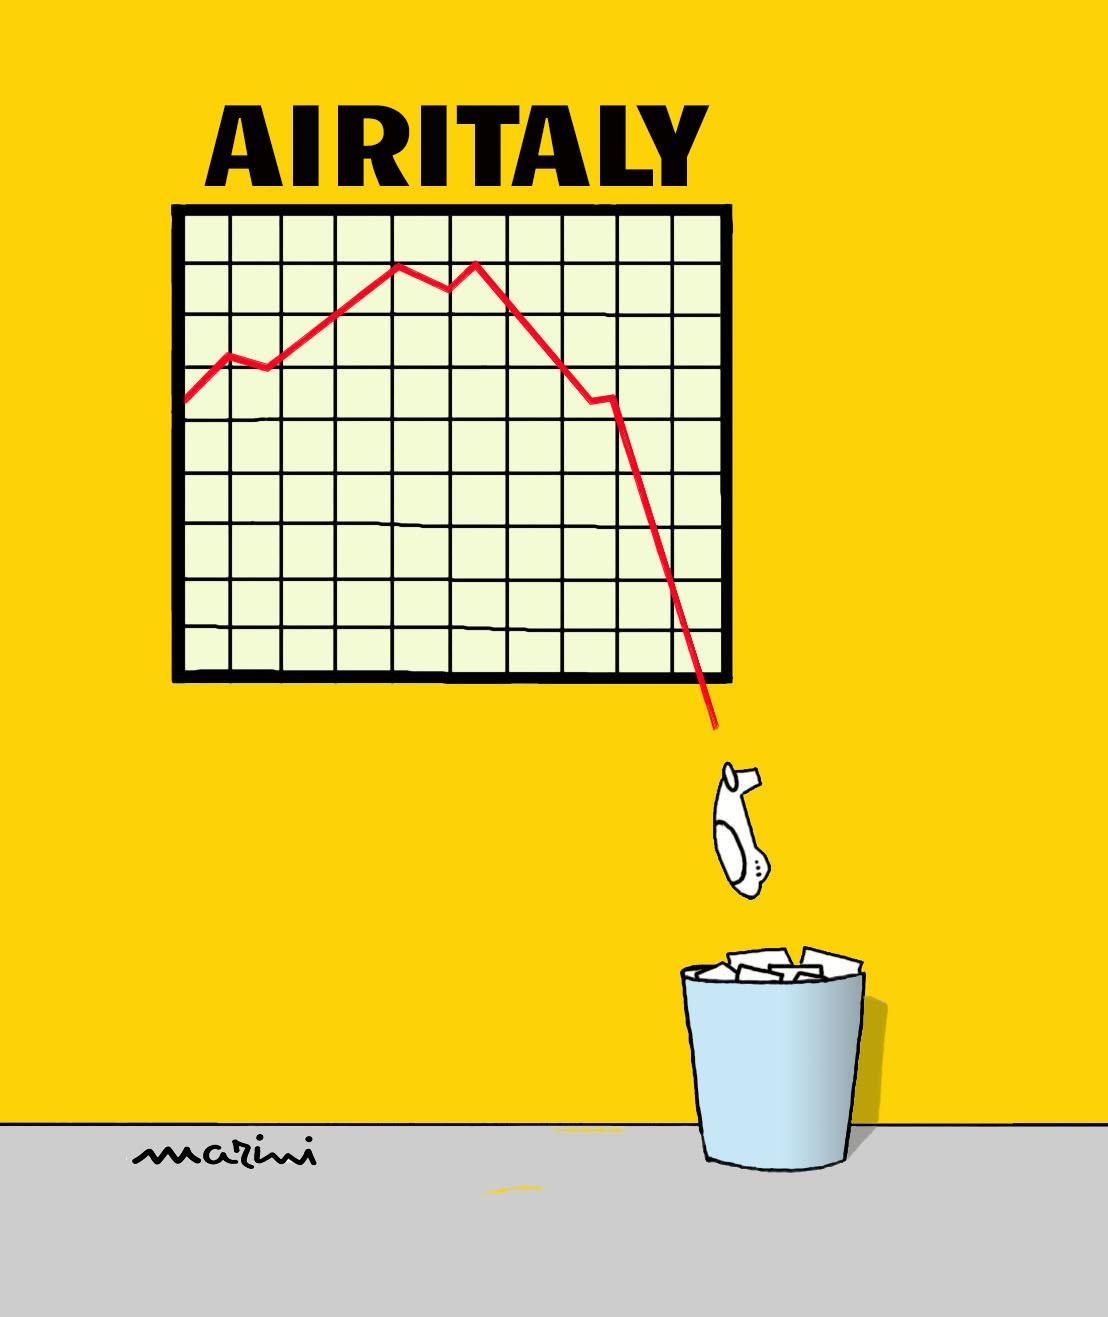 air italy vignetta marini